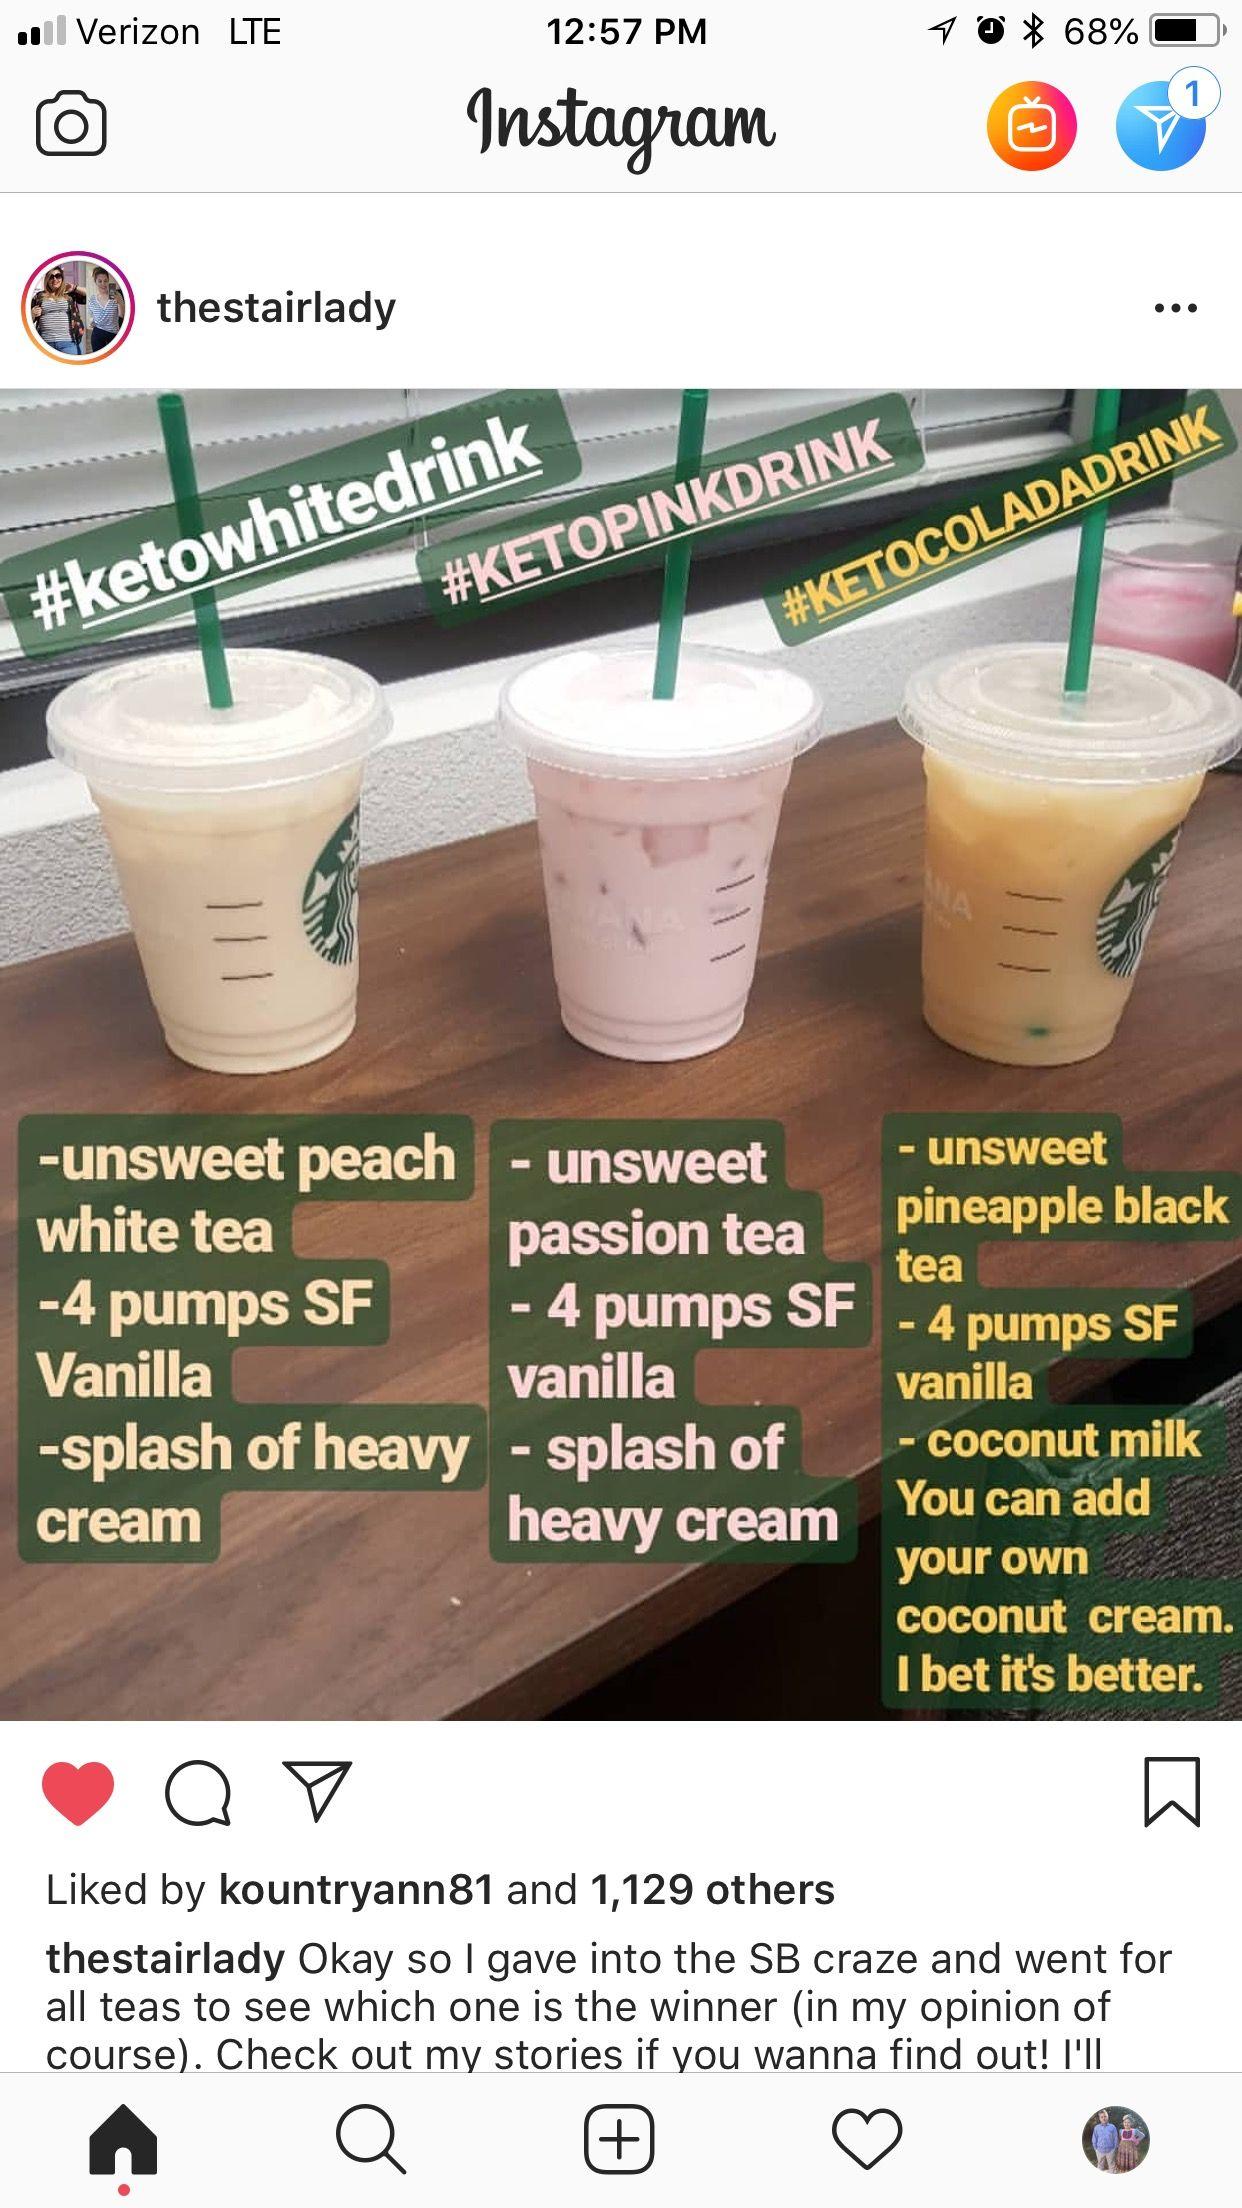 starbucks drinks for keto diet